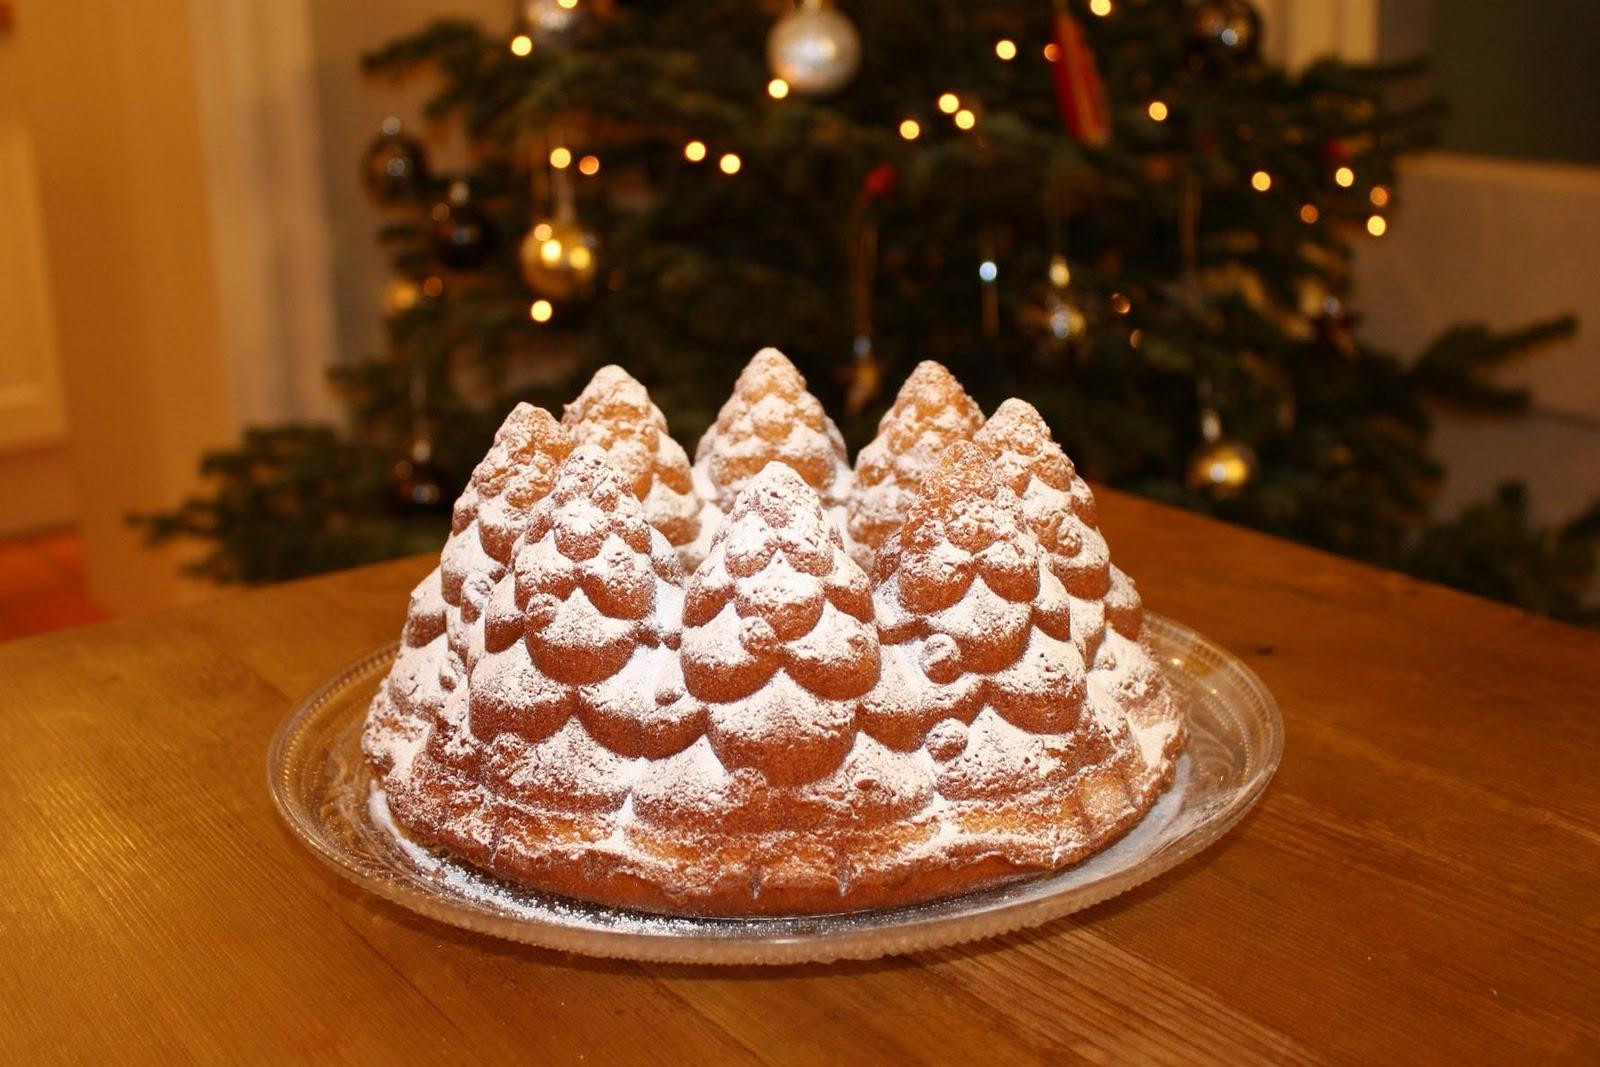 Homemade Christmas challenge: